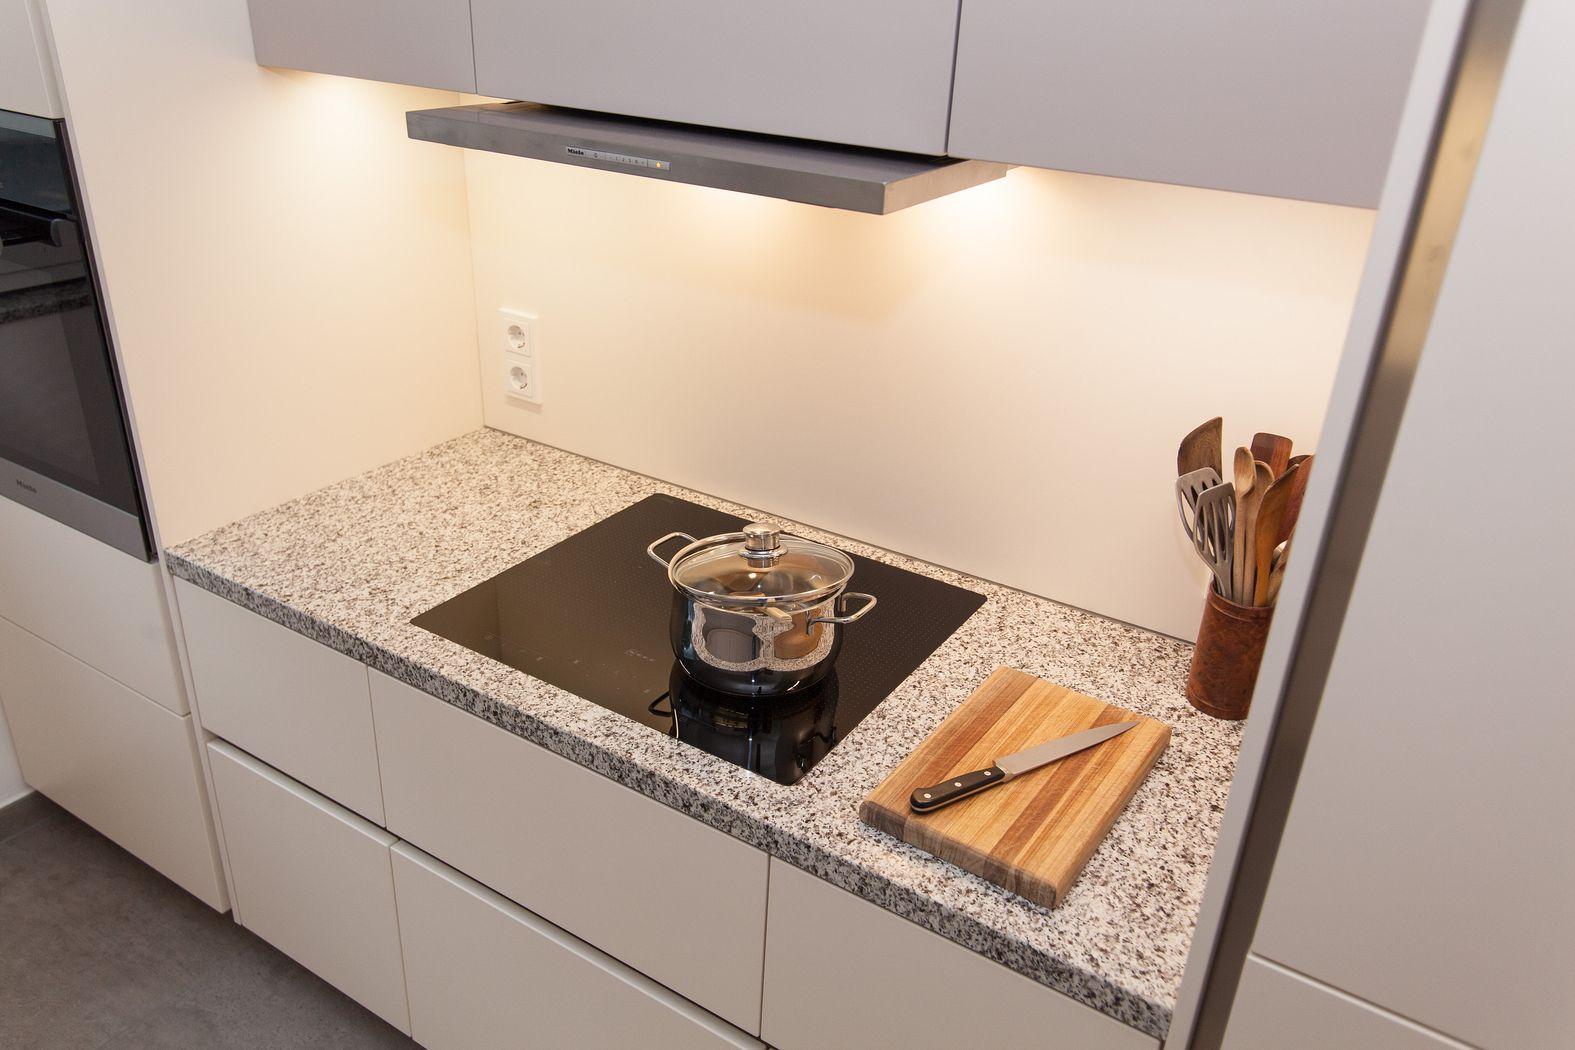 Küchenbeleuchtung arbeitsplatte  Küchenbeleuchtung: Das optimale Licht und Lampen für die Küche ...